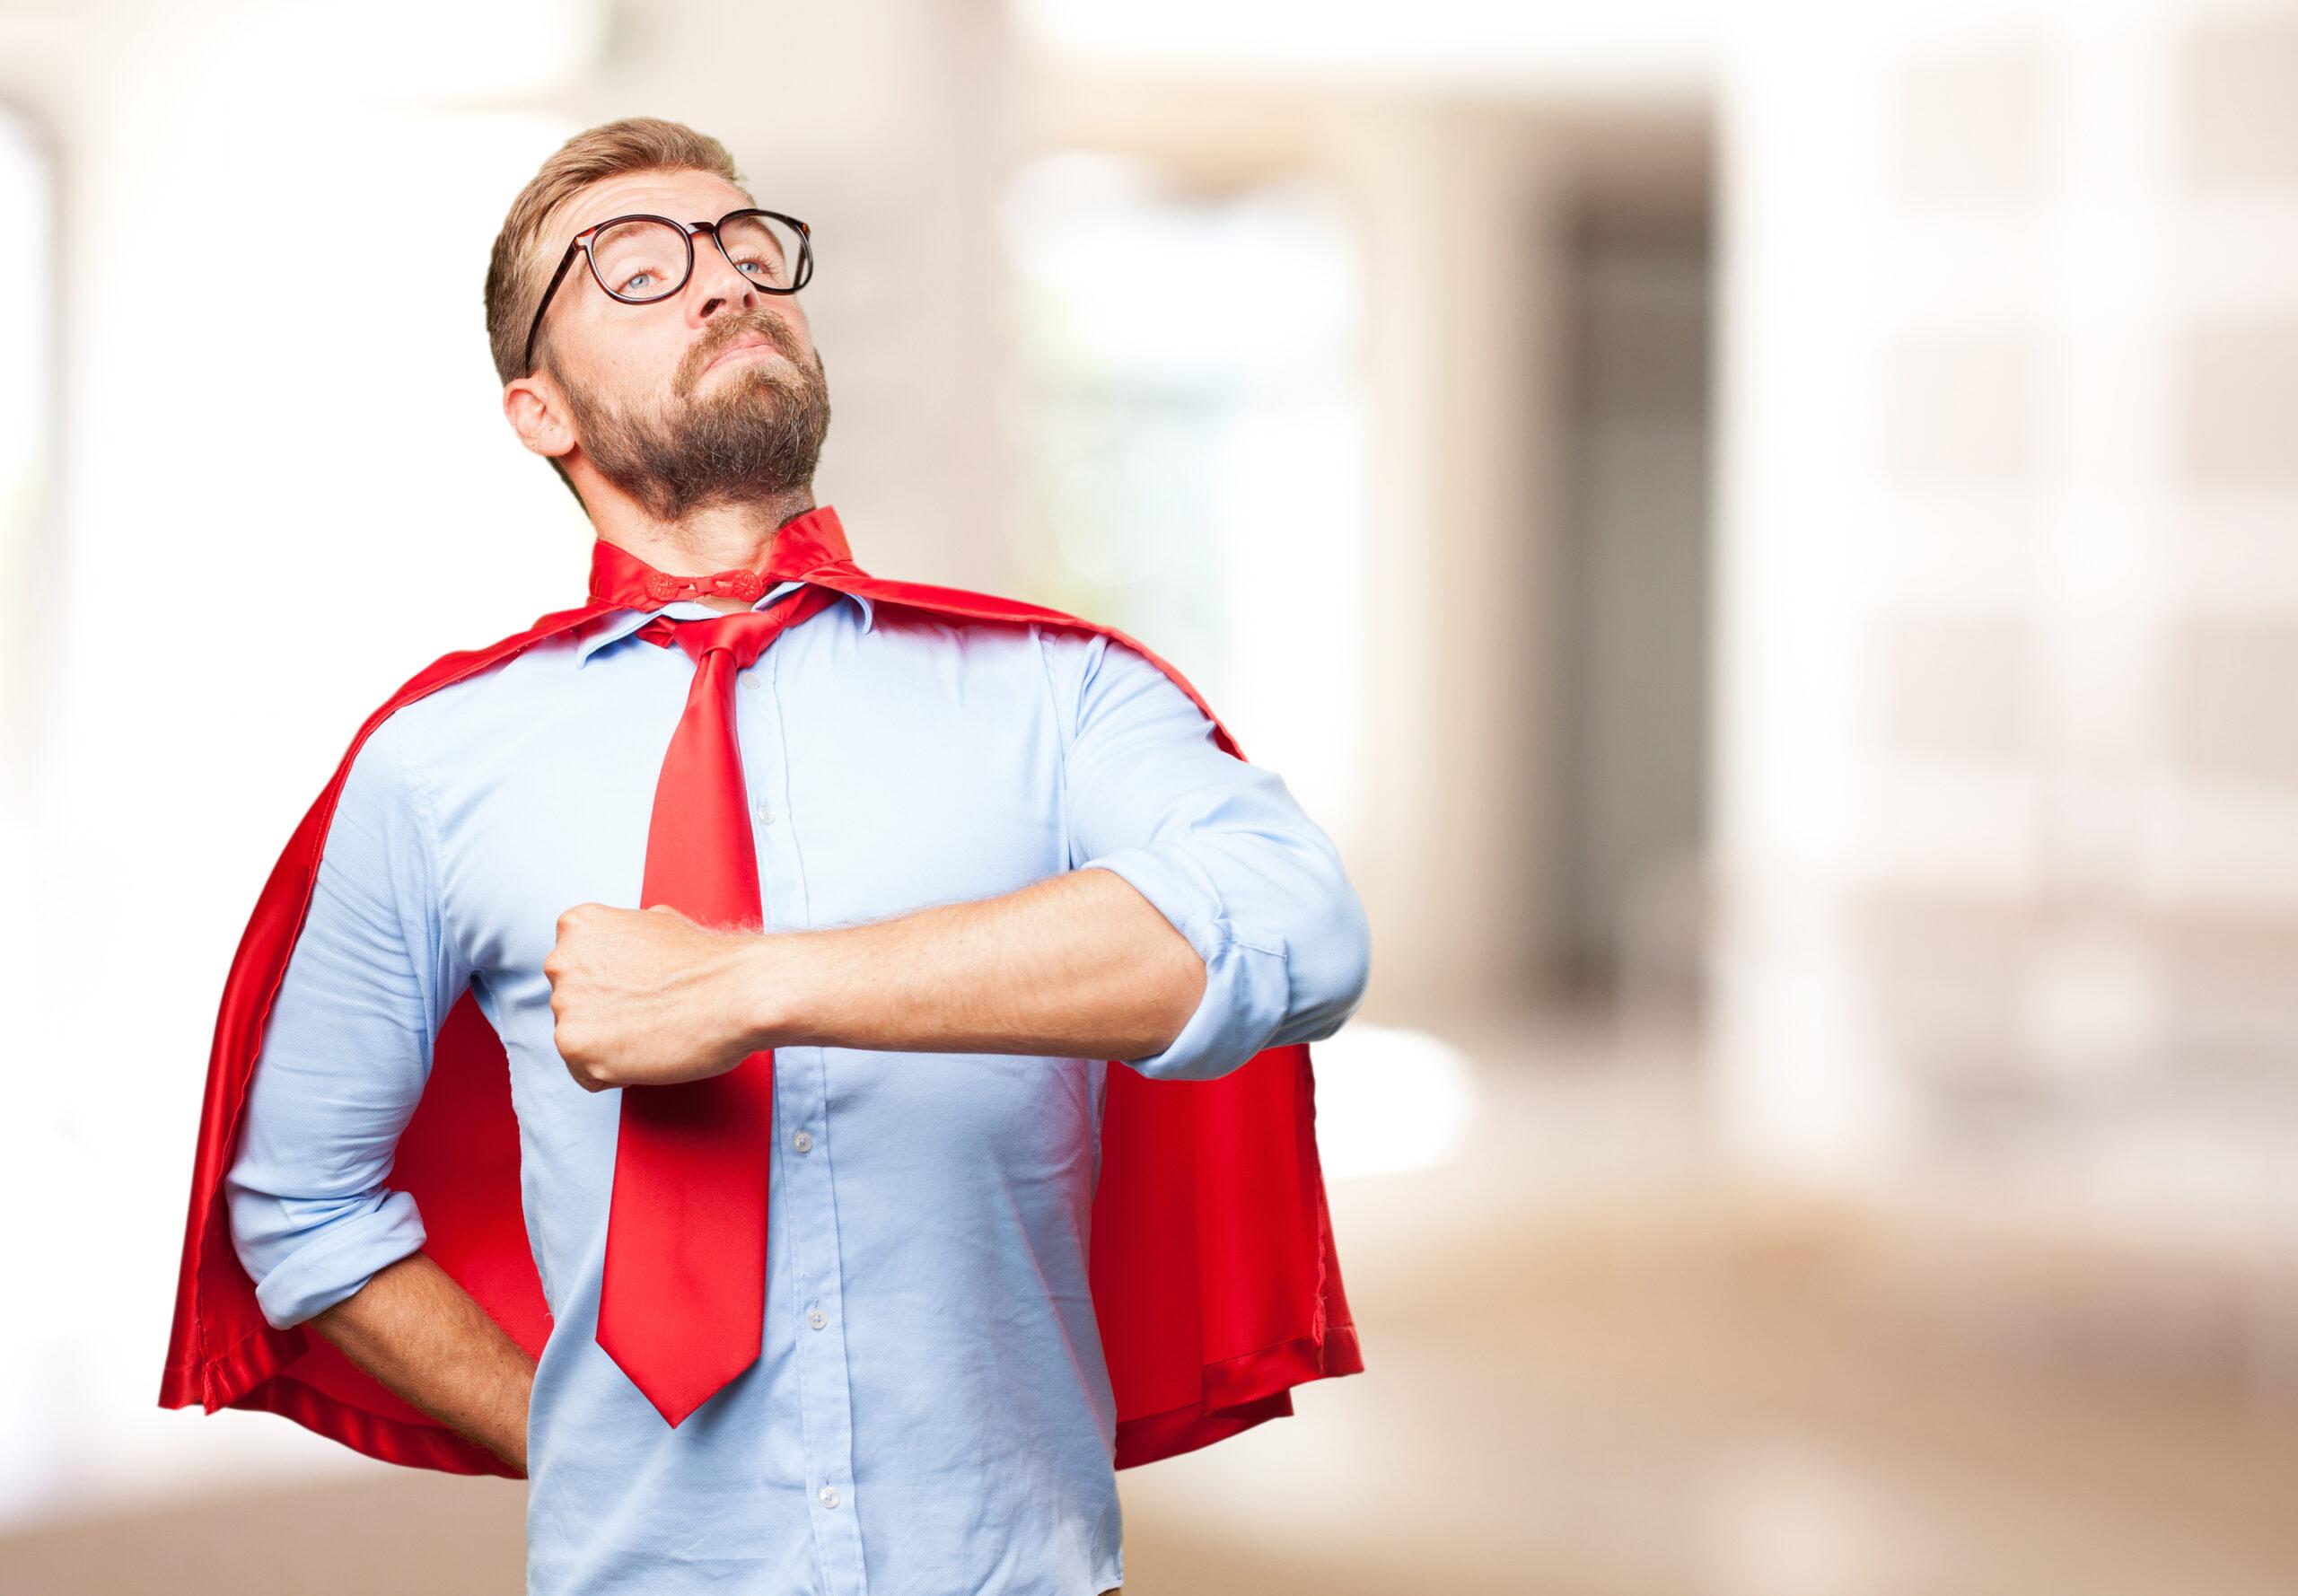 Les 7 étapes pour améliorer la confiance en soi